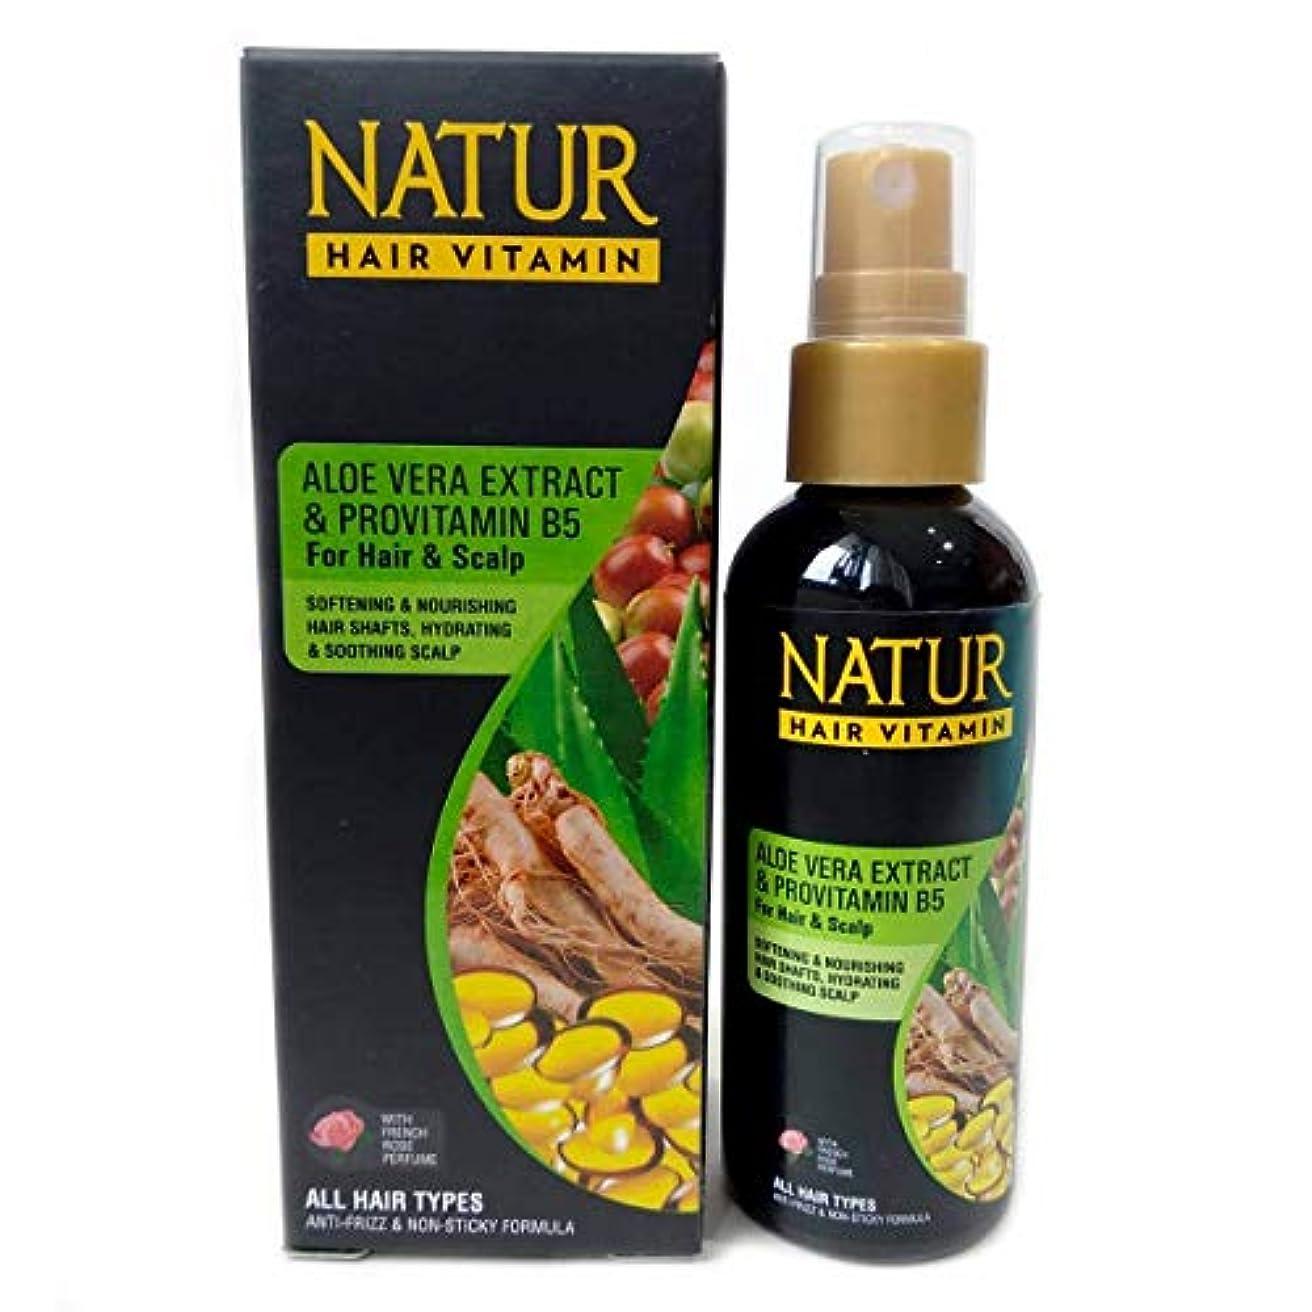 子豚摘むグローNATUR ナトゥール 天然植物エキス配合 Hair Vitamin ハーバルヘアビタミン 80ml Aloe vera&Provitamin B5 アロエベラ&プロビタミンB5 [海外直商品]